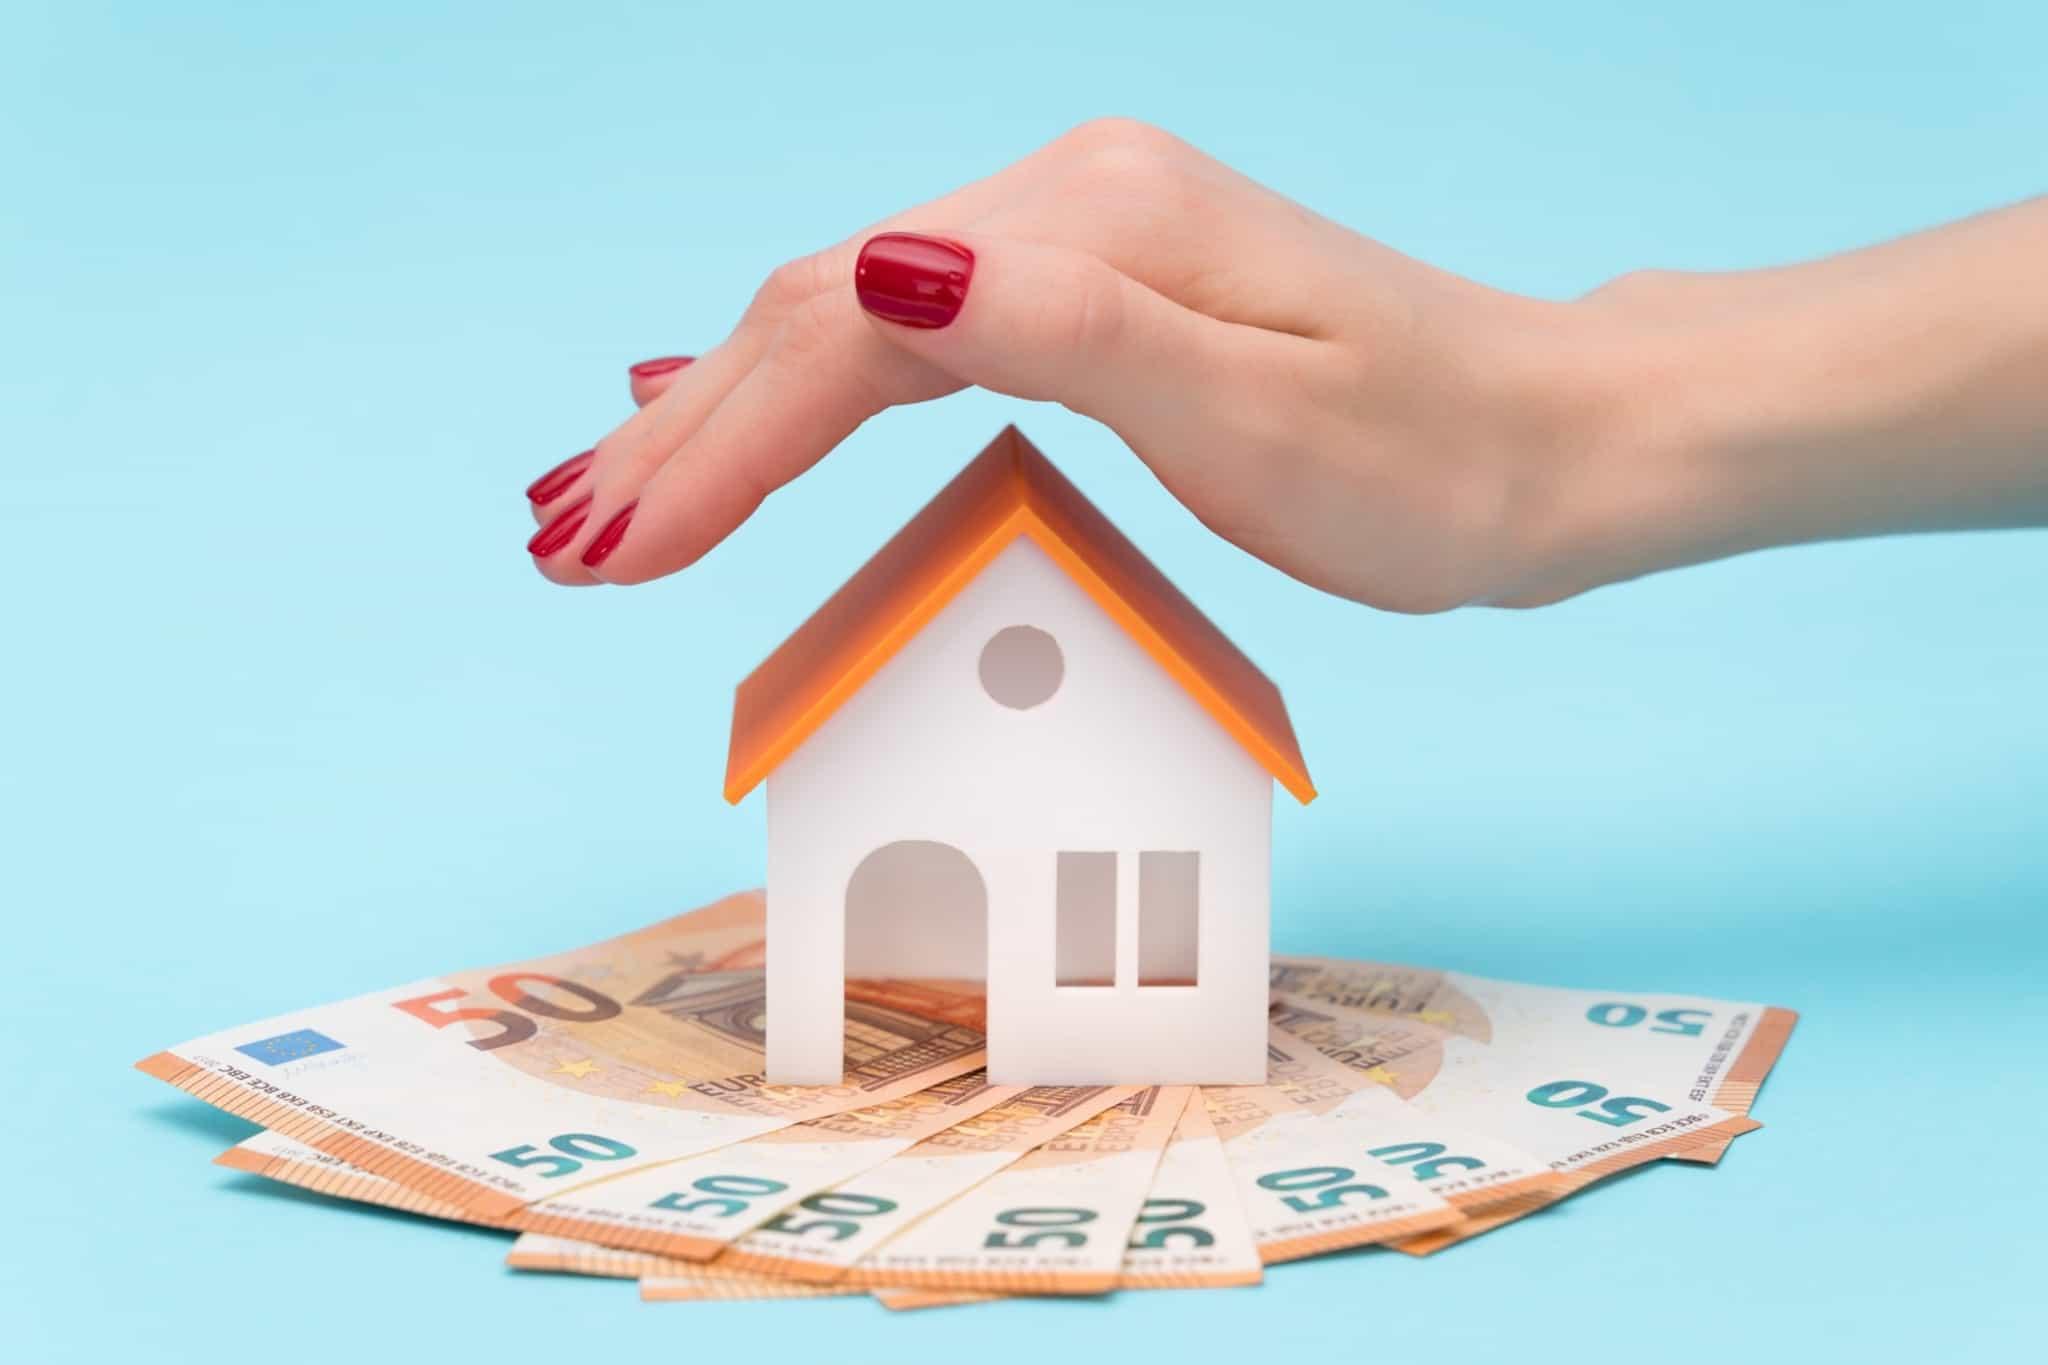 Miniatura de uma casa sobre várias notas de 50 euros e uma mão de mulher por cima